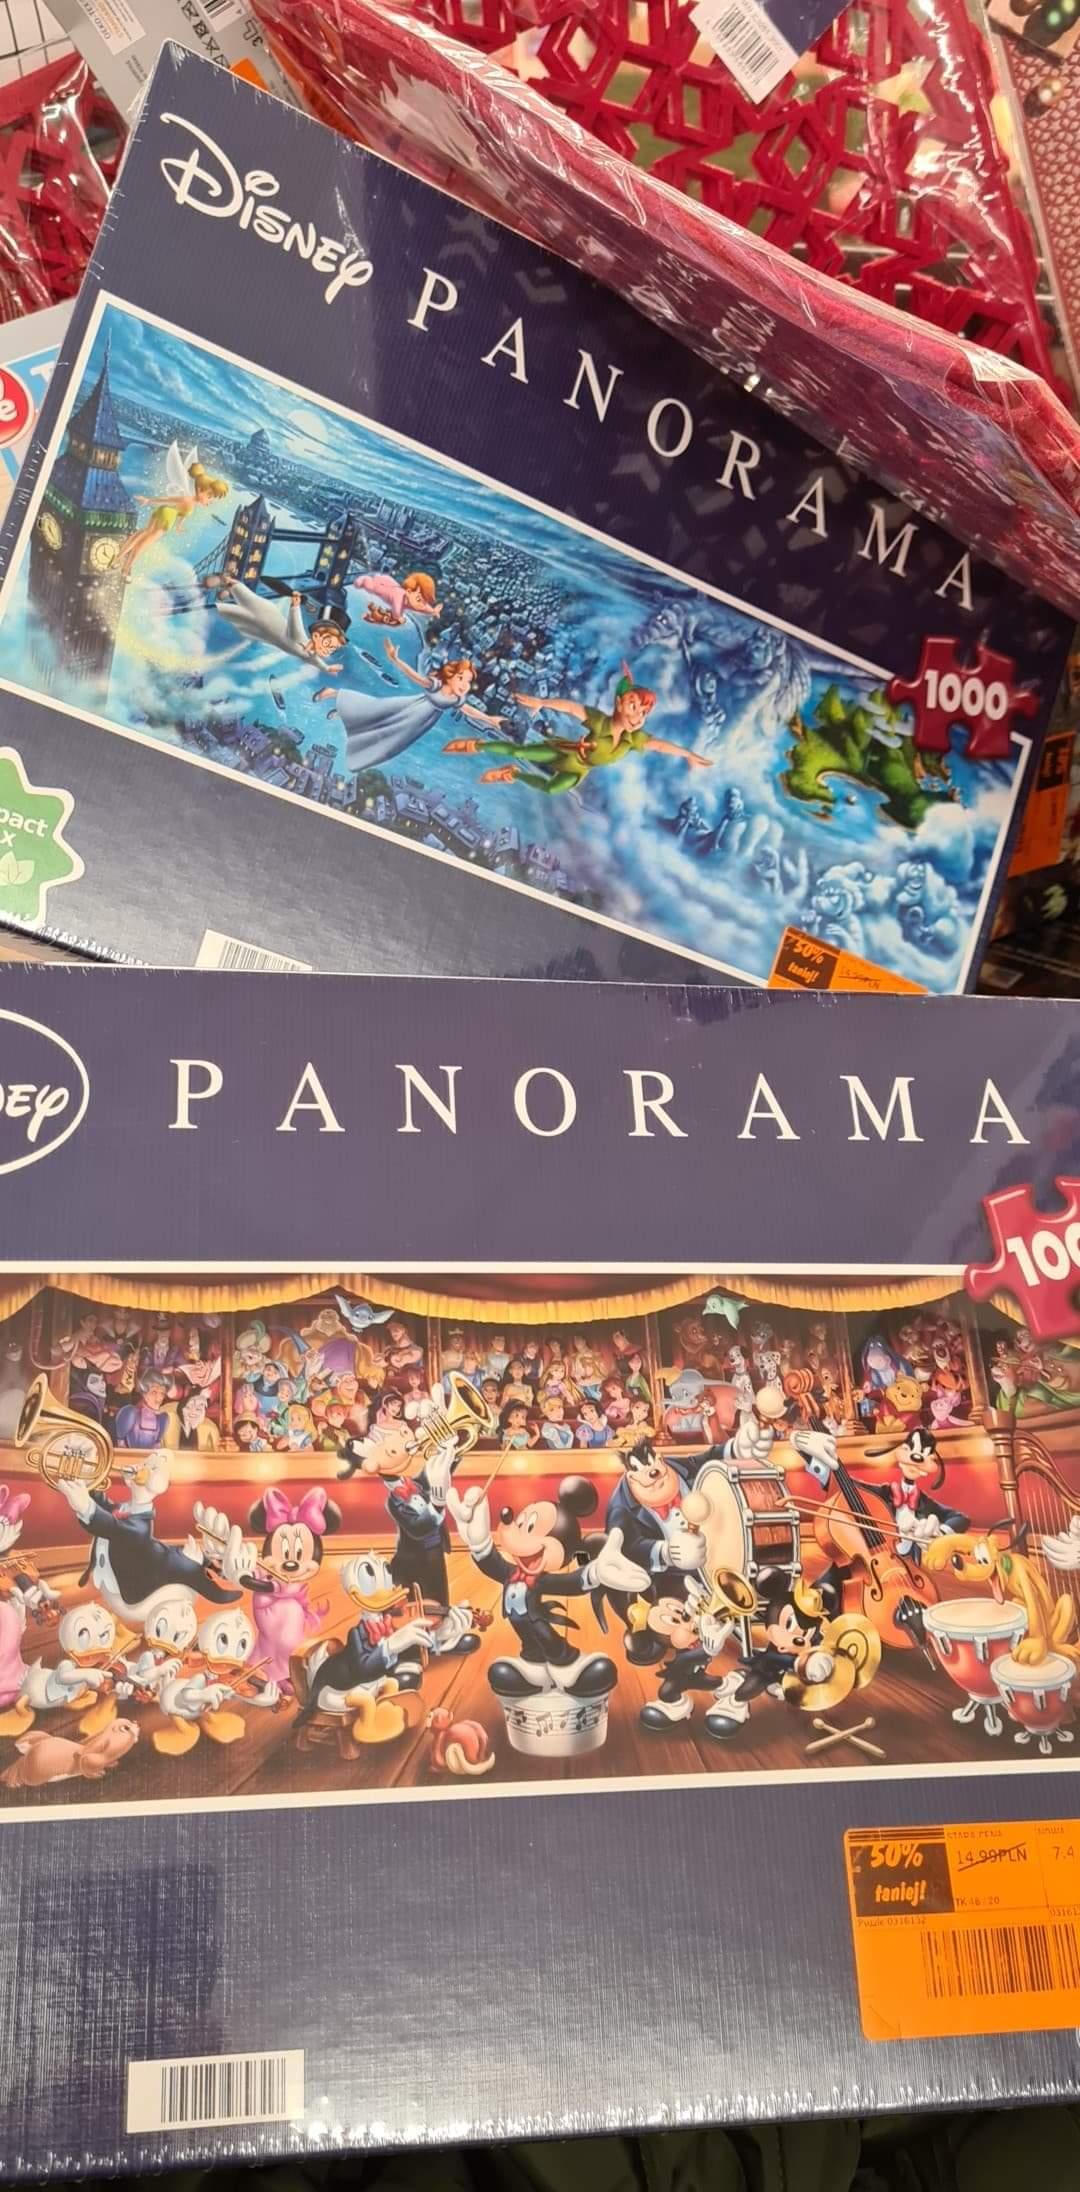 Wyprzedaż w Lidlu Poznań, puzzle 1000 elementów 7.49, bieżnik na stół z filcu 4.99, młynek do kawy 19, marynarki za 19, zestawy Lego